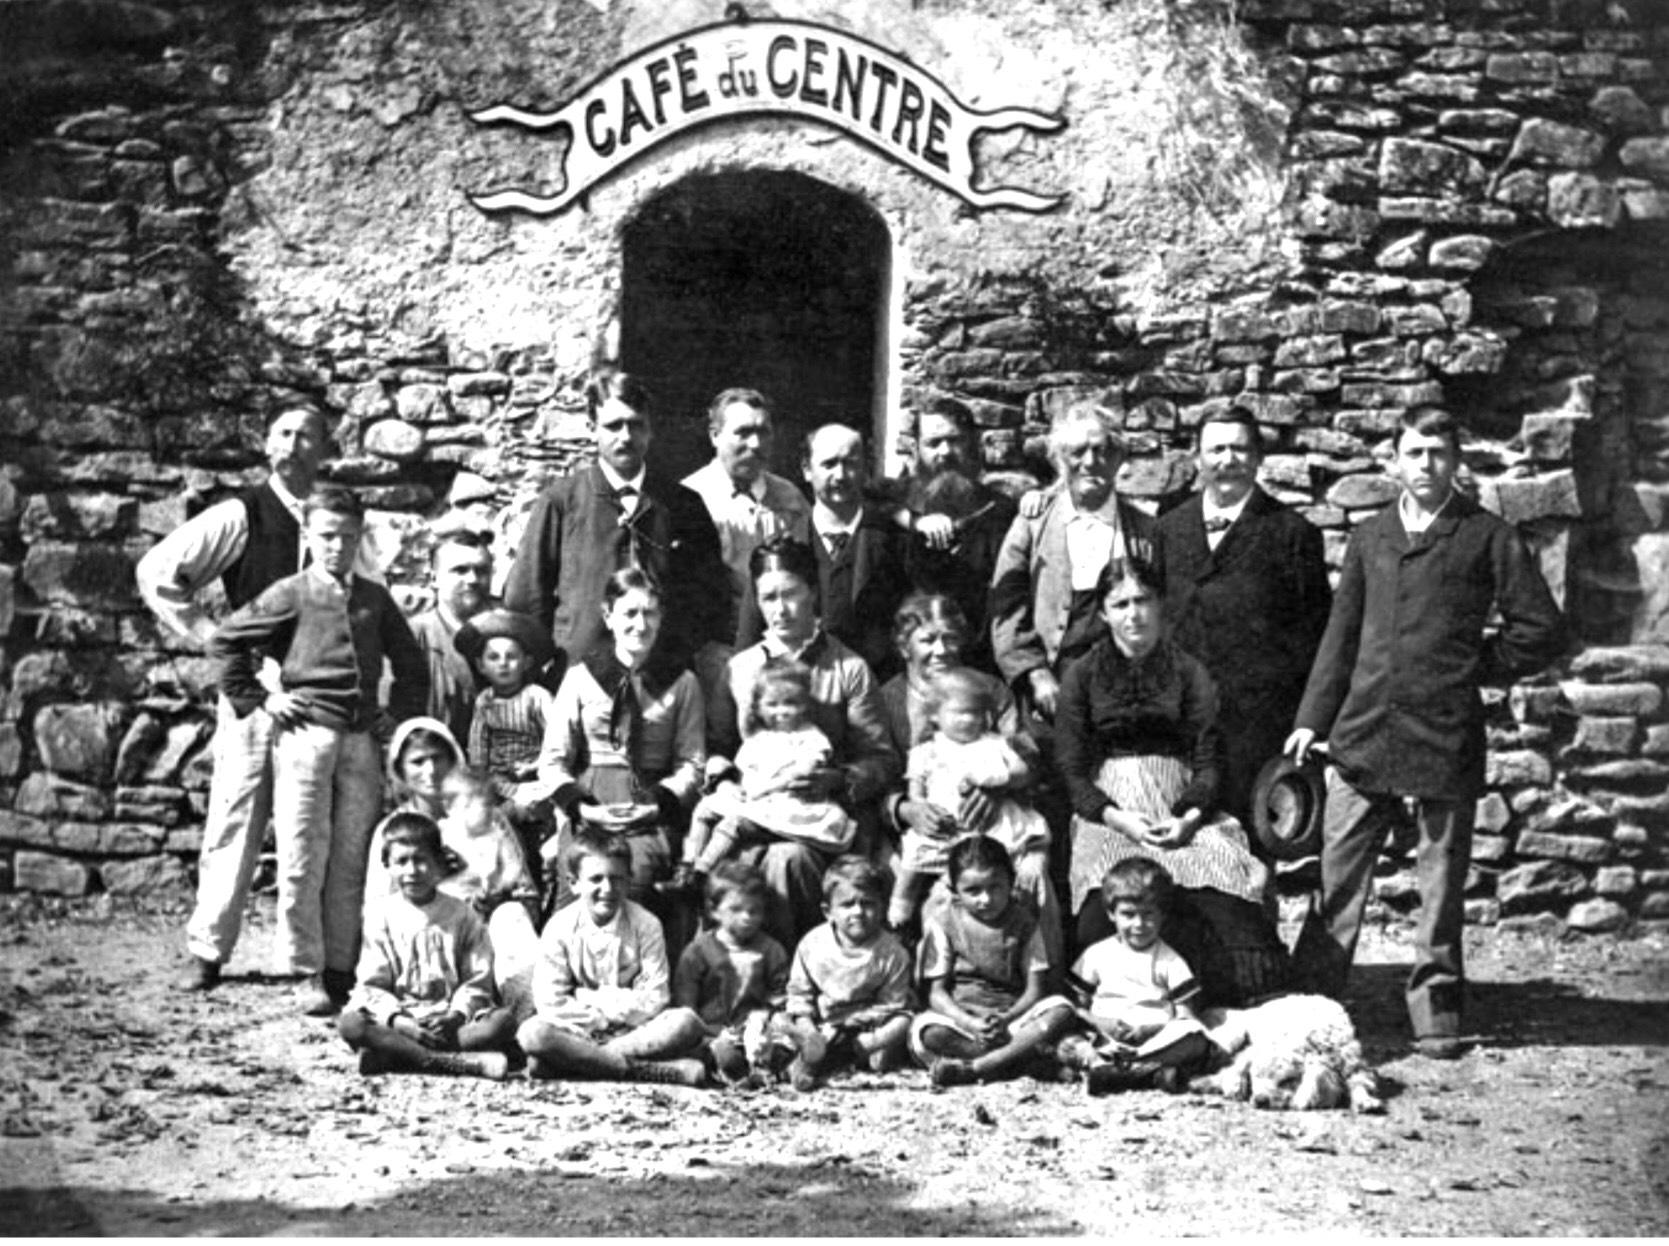 Gustave Courbet / Café du Centre / La Tour de Peilz